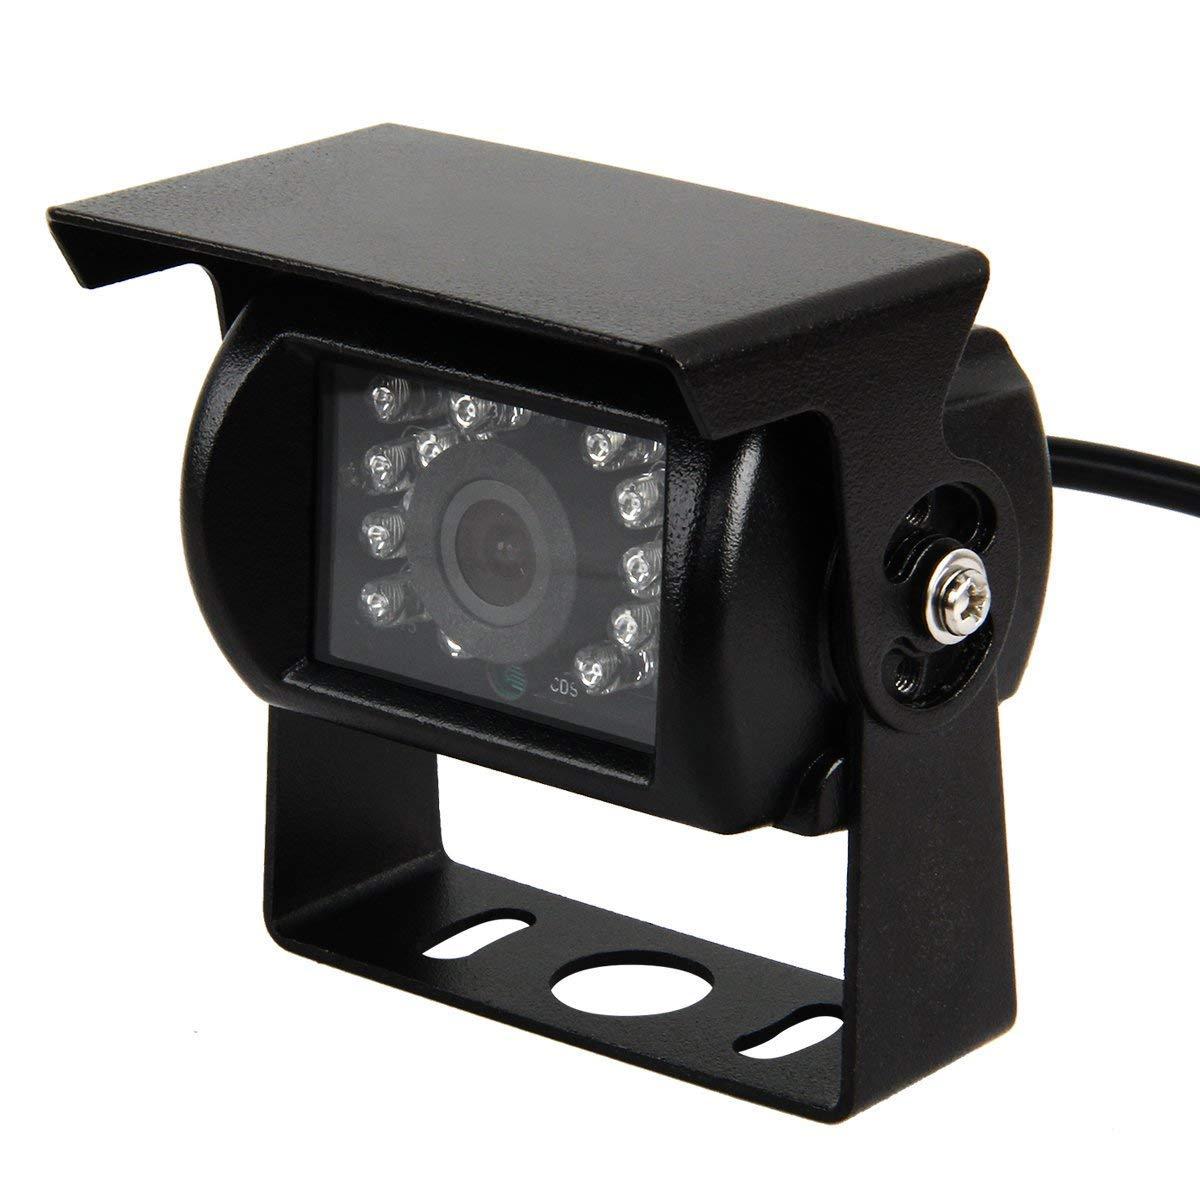 Phansthy impermeabile auto telecamera posteriore 18 LED IR vista 170 gradi ad alta definizione CCD veicolo telecamera di retromarcia per camion rimorchio Bus fenthy FTY887